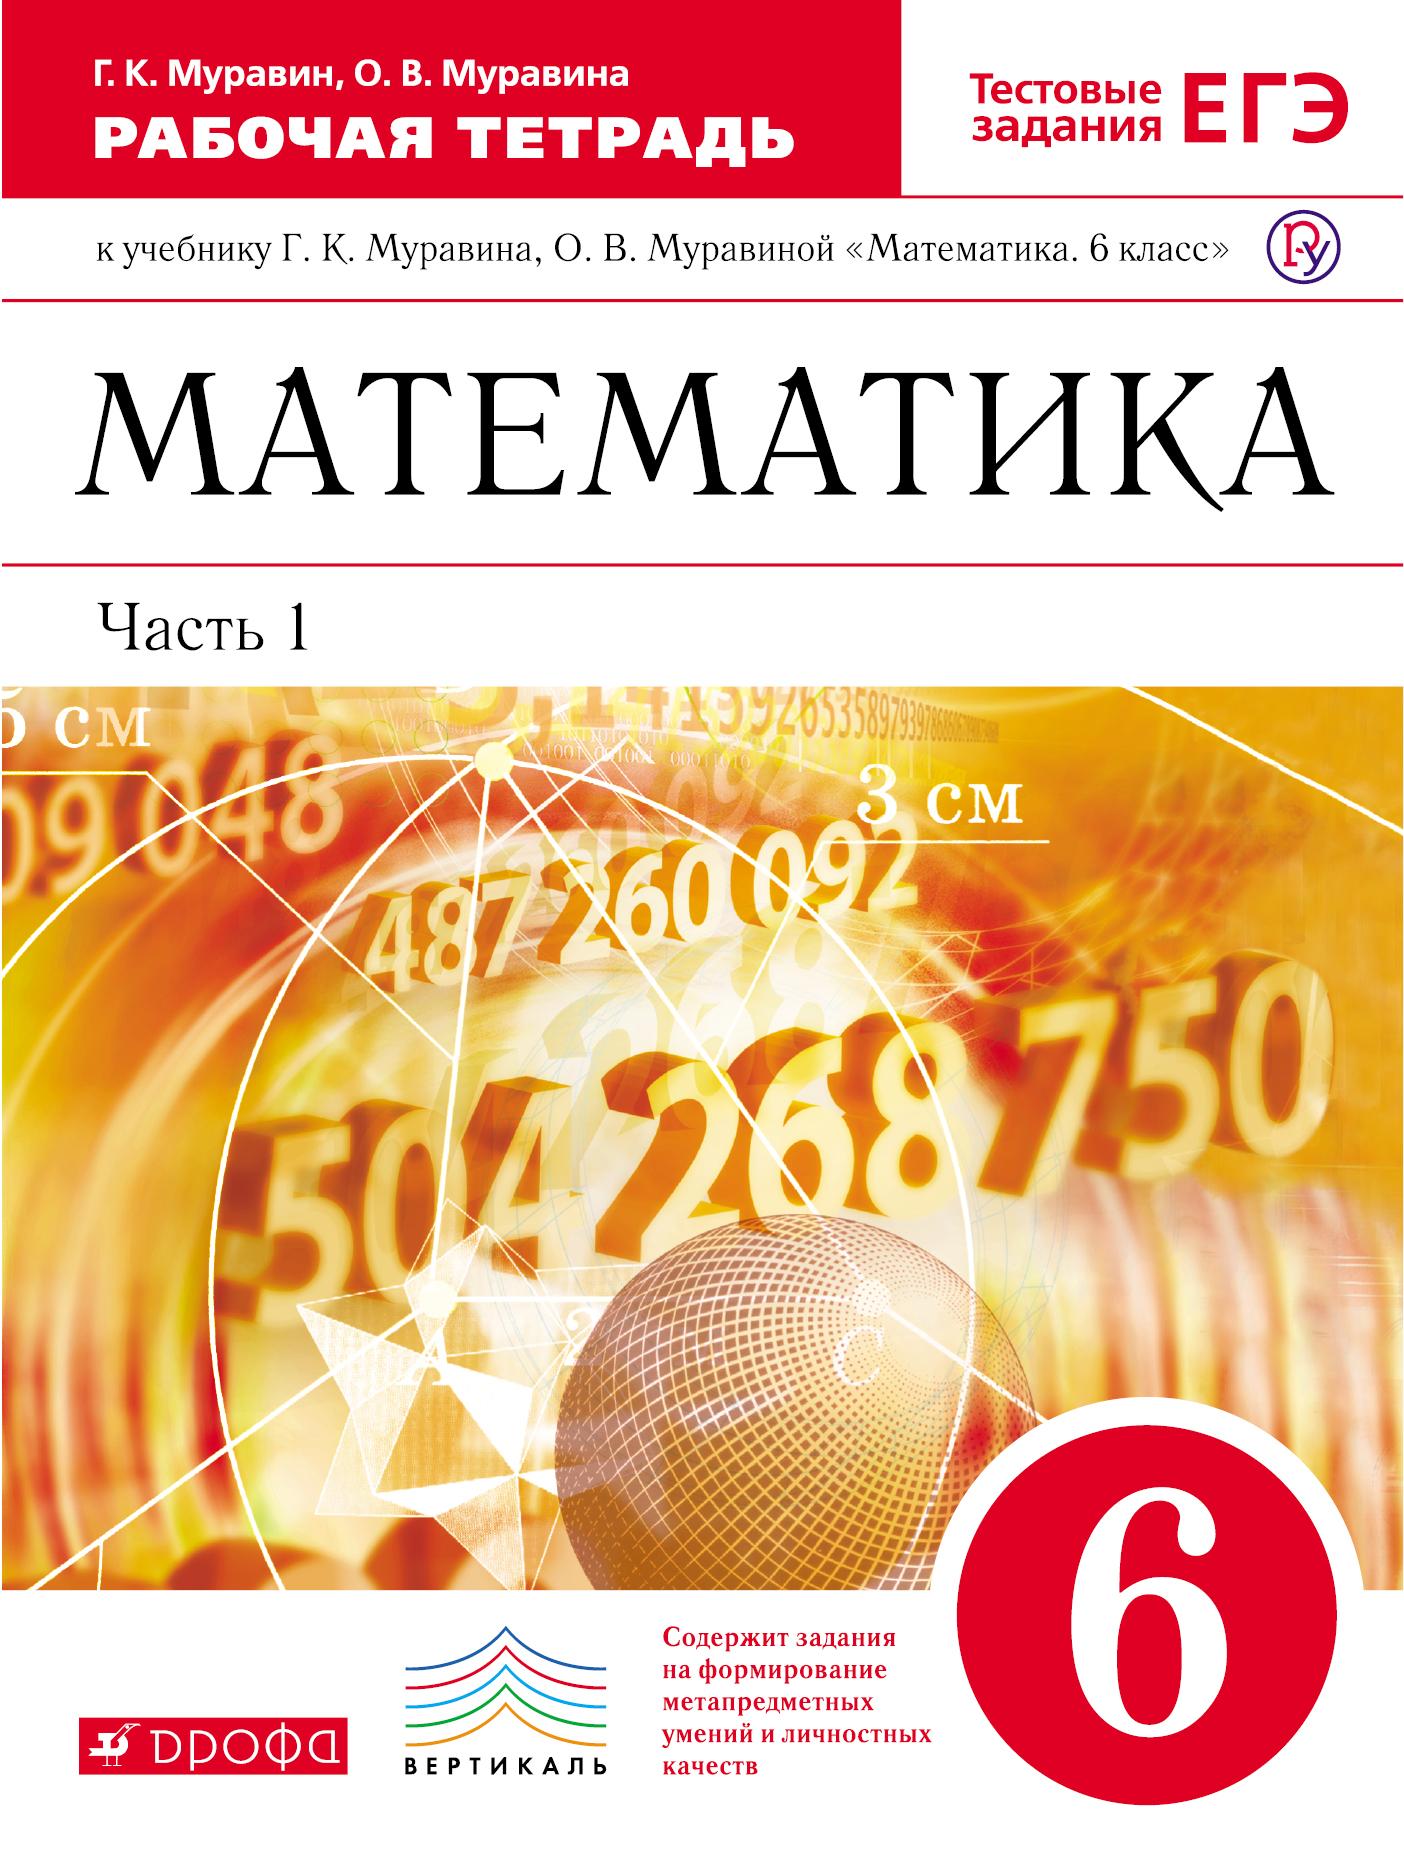 Муравин Г.К., Муравина О.В. Математика. 6 класс. Рабочая тетрадь (с тестовыми заданиями ЕГЭ). Часть 1